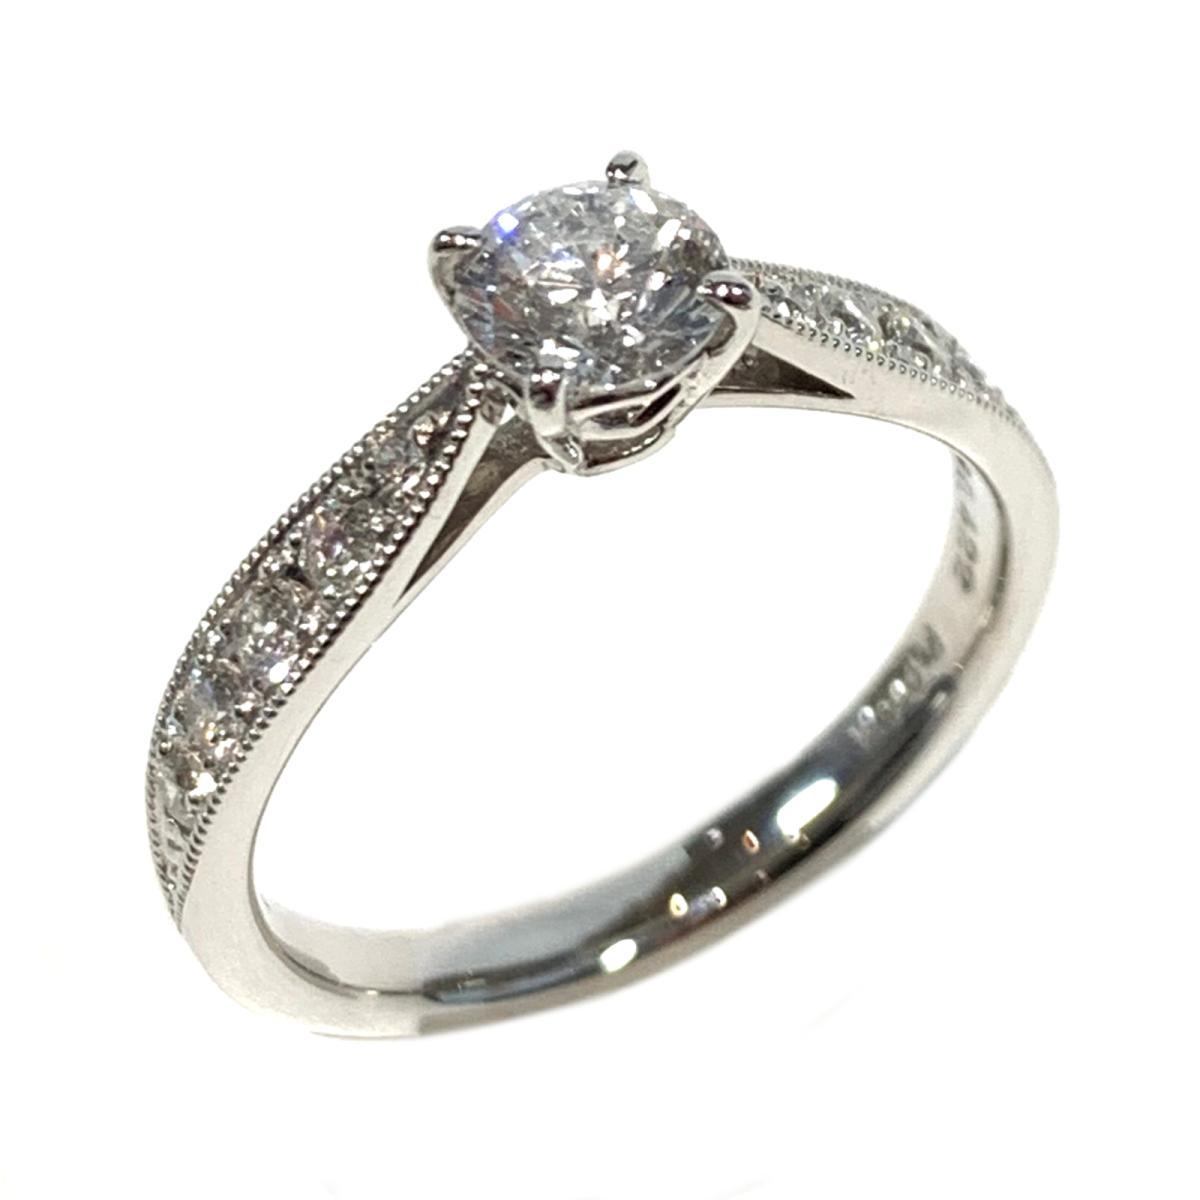 【中古】 ジュエリー ダイヤモンド リング 指輪 レディース PT900 プラチナ x ダイヤ0.422/0.22ct クリアー シルバー   JEWELRY BRANDOFF ブランドオフ ブランド アクセサリー